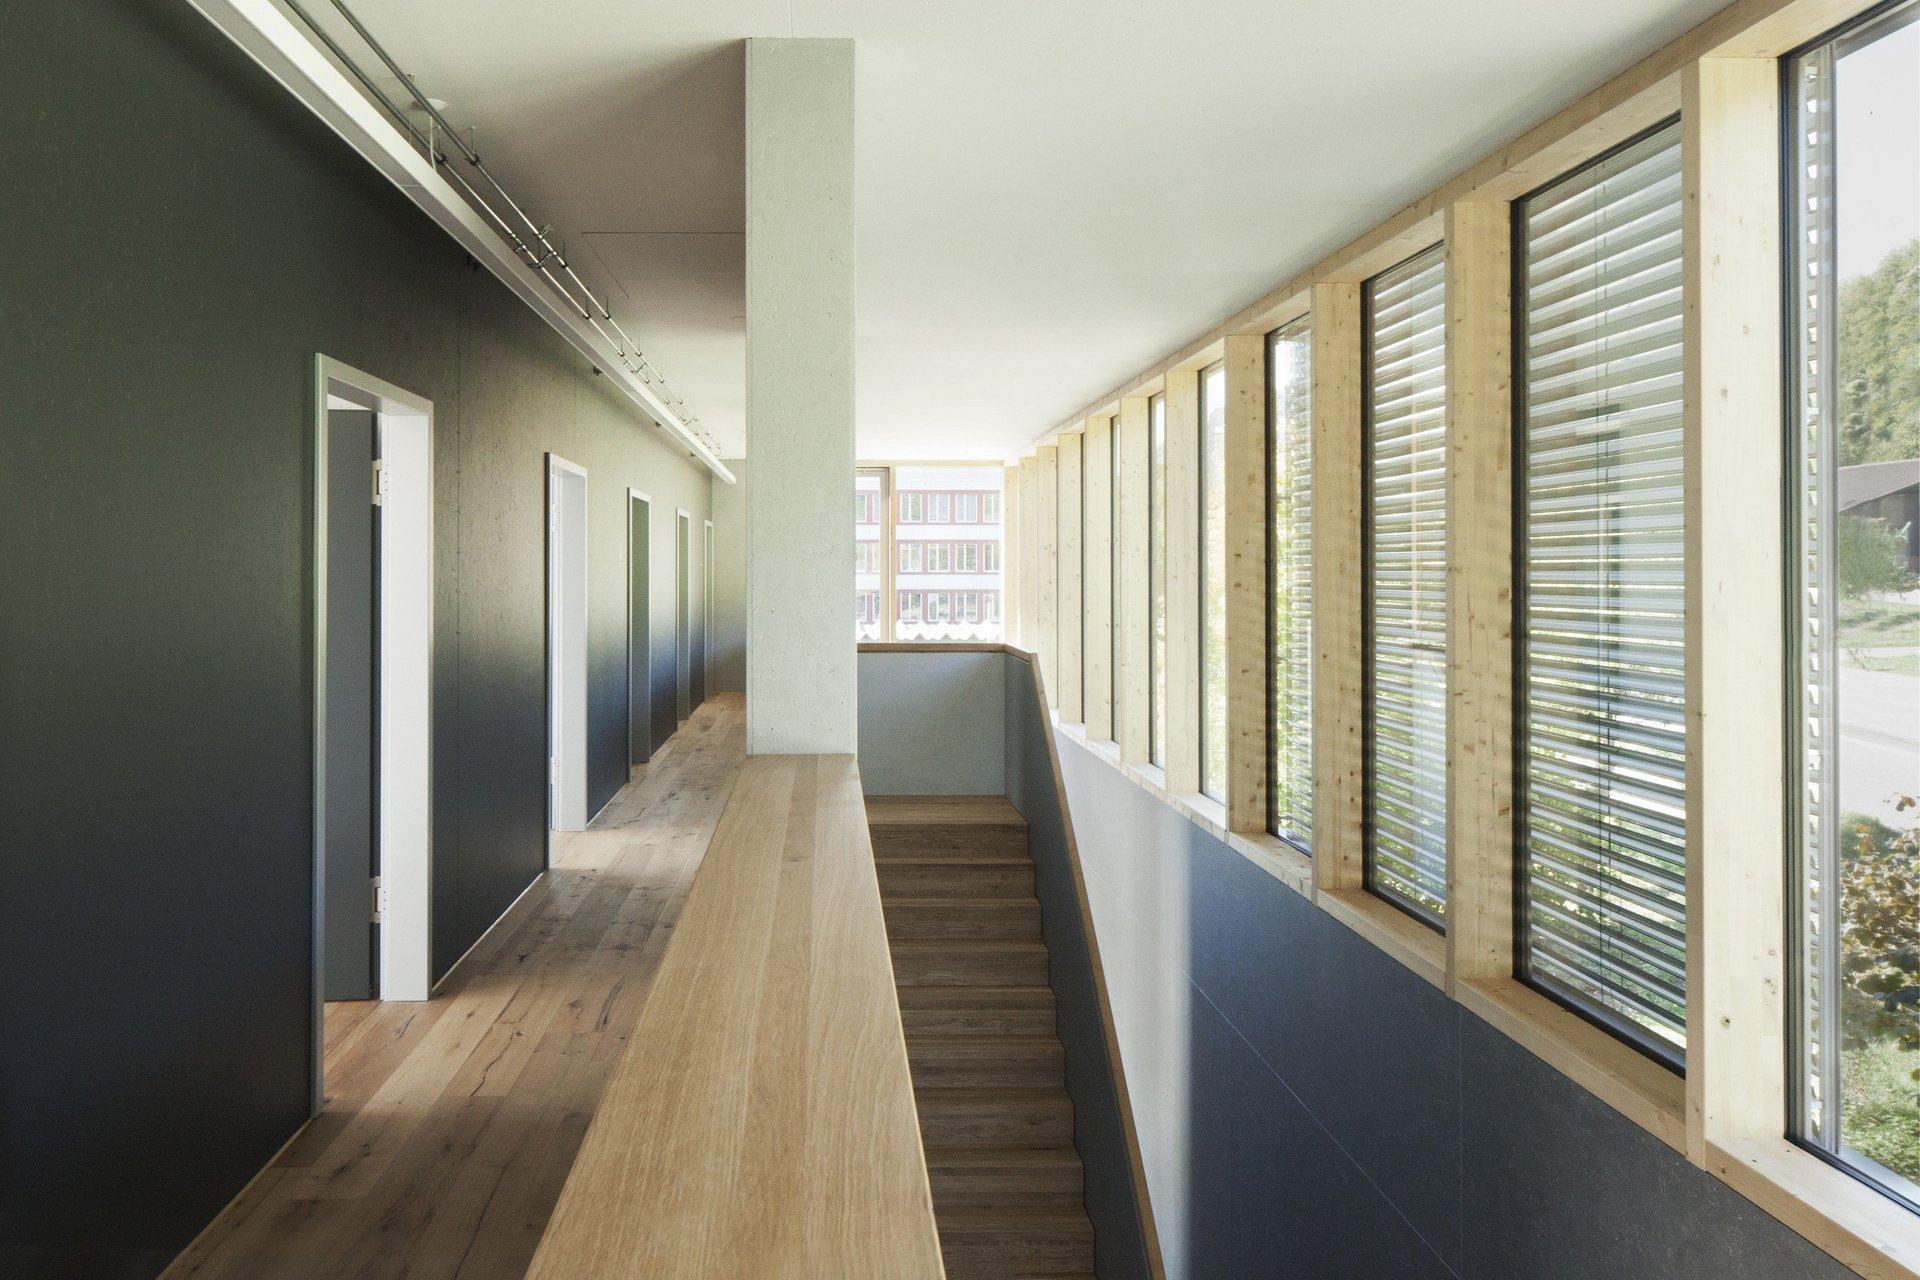 Flur links mit Treppe nach unten rechts in hellem und modernem Design